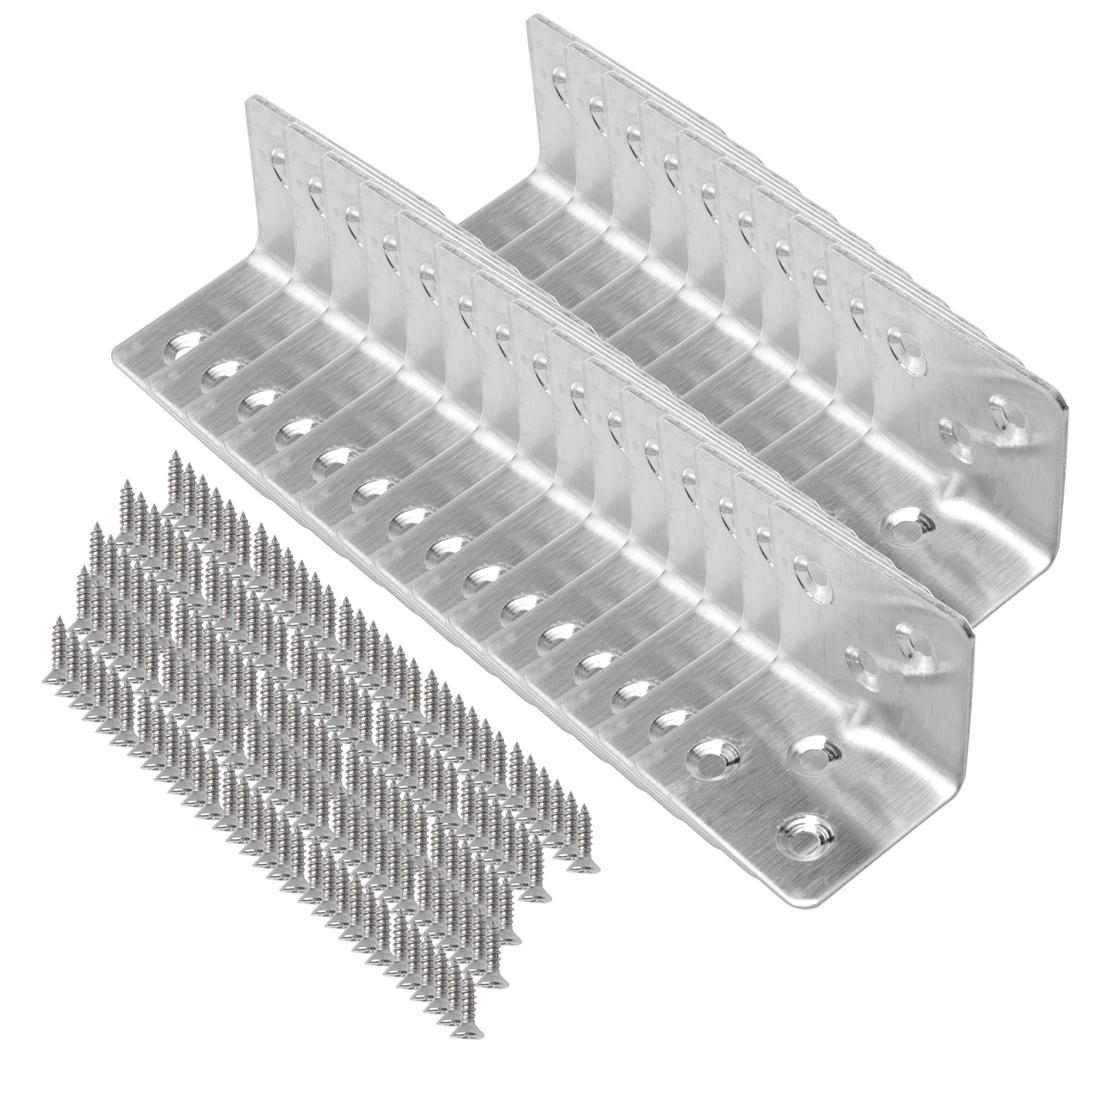 Angle Bracket Stainless Steel Brace Shelf Support w Screws 30 x 30 x 38mm, 25pcs